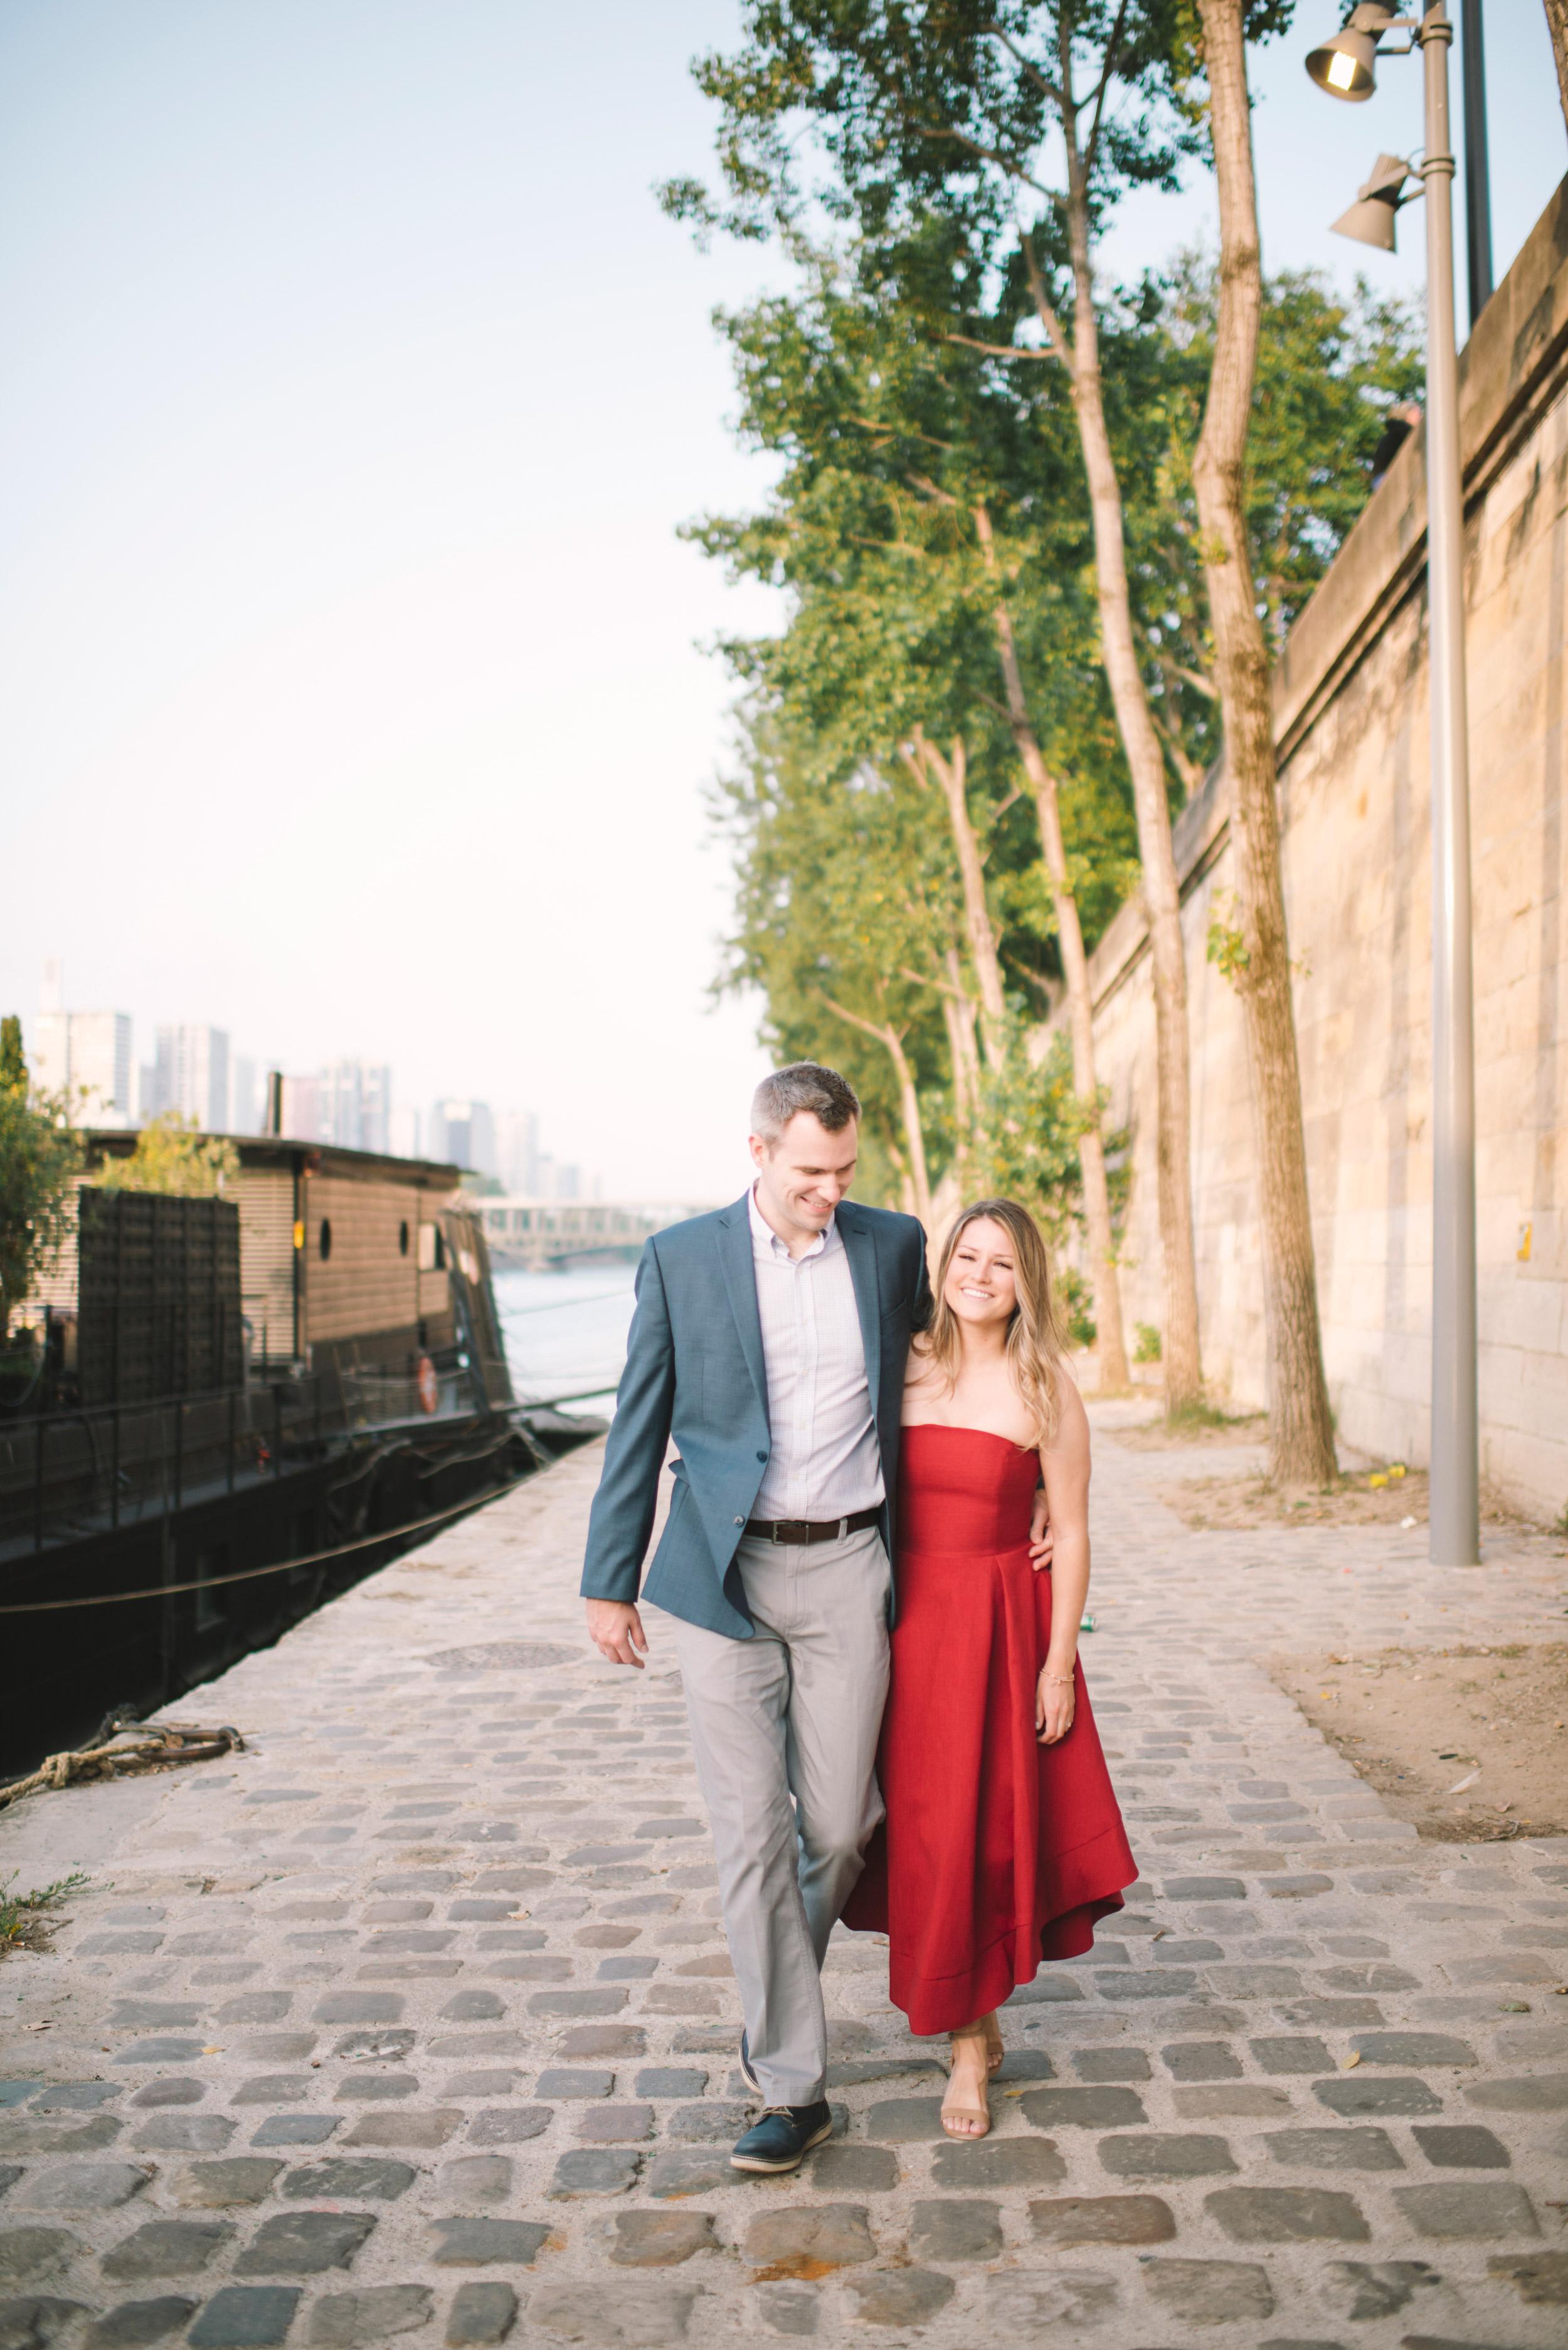 Couple-portrait-session-Paris-EiffelTower-Seine-Cafe100.jpg